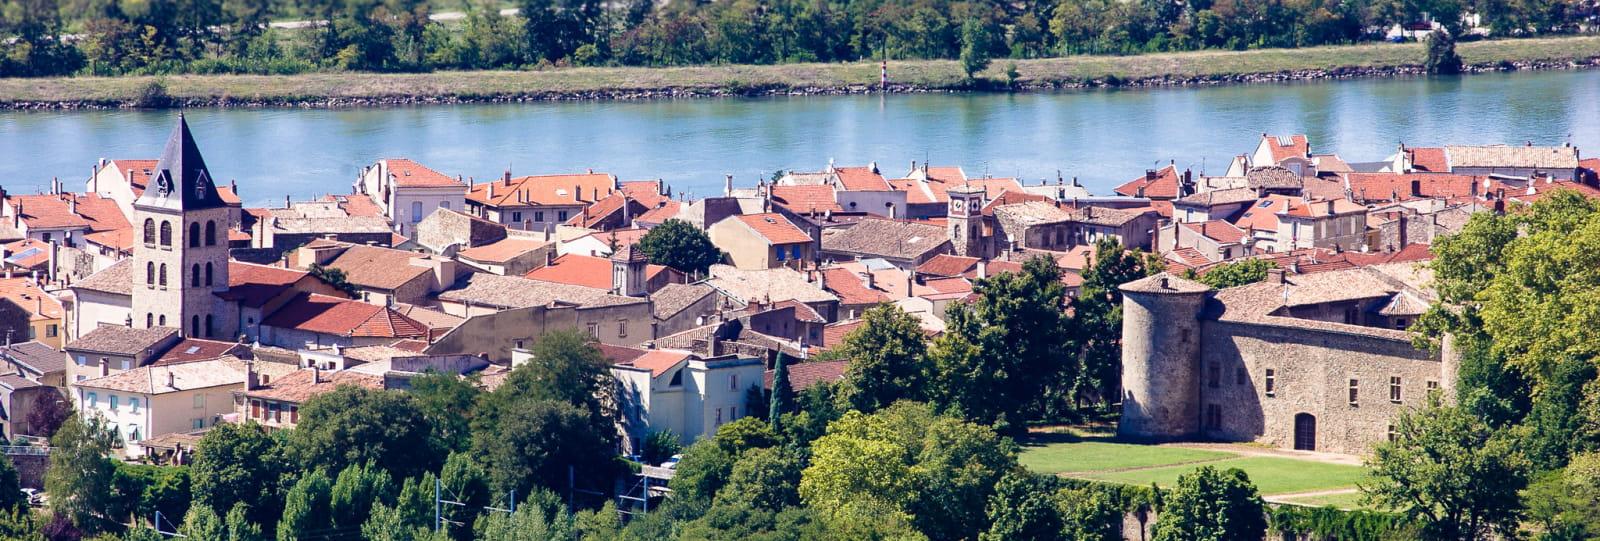 ville de saint Vallier